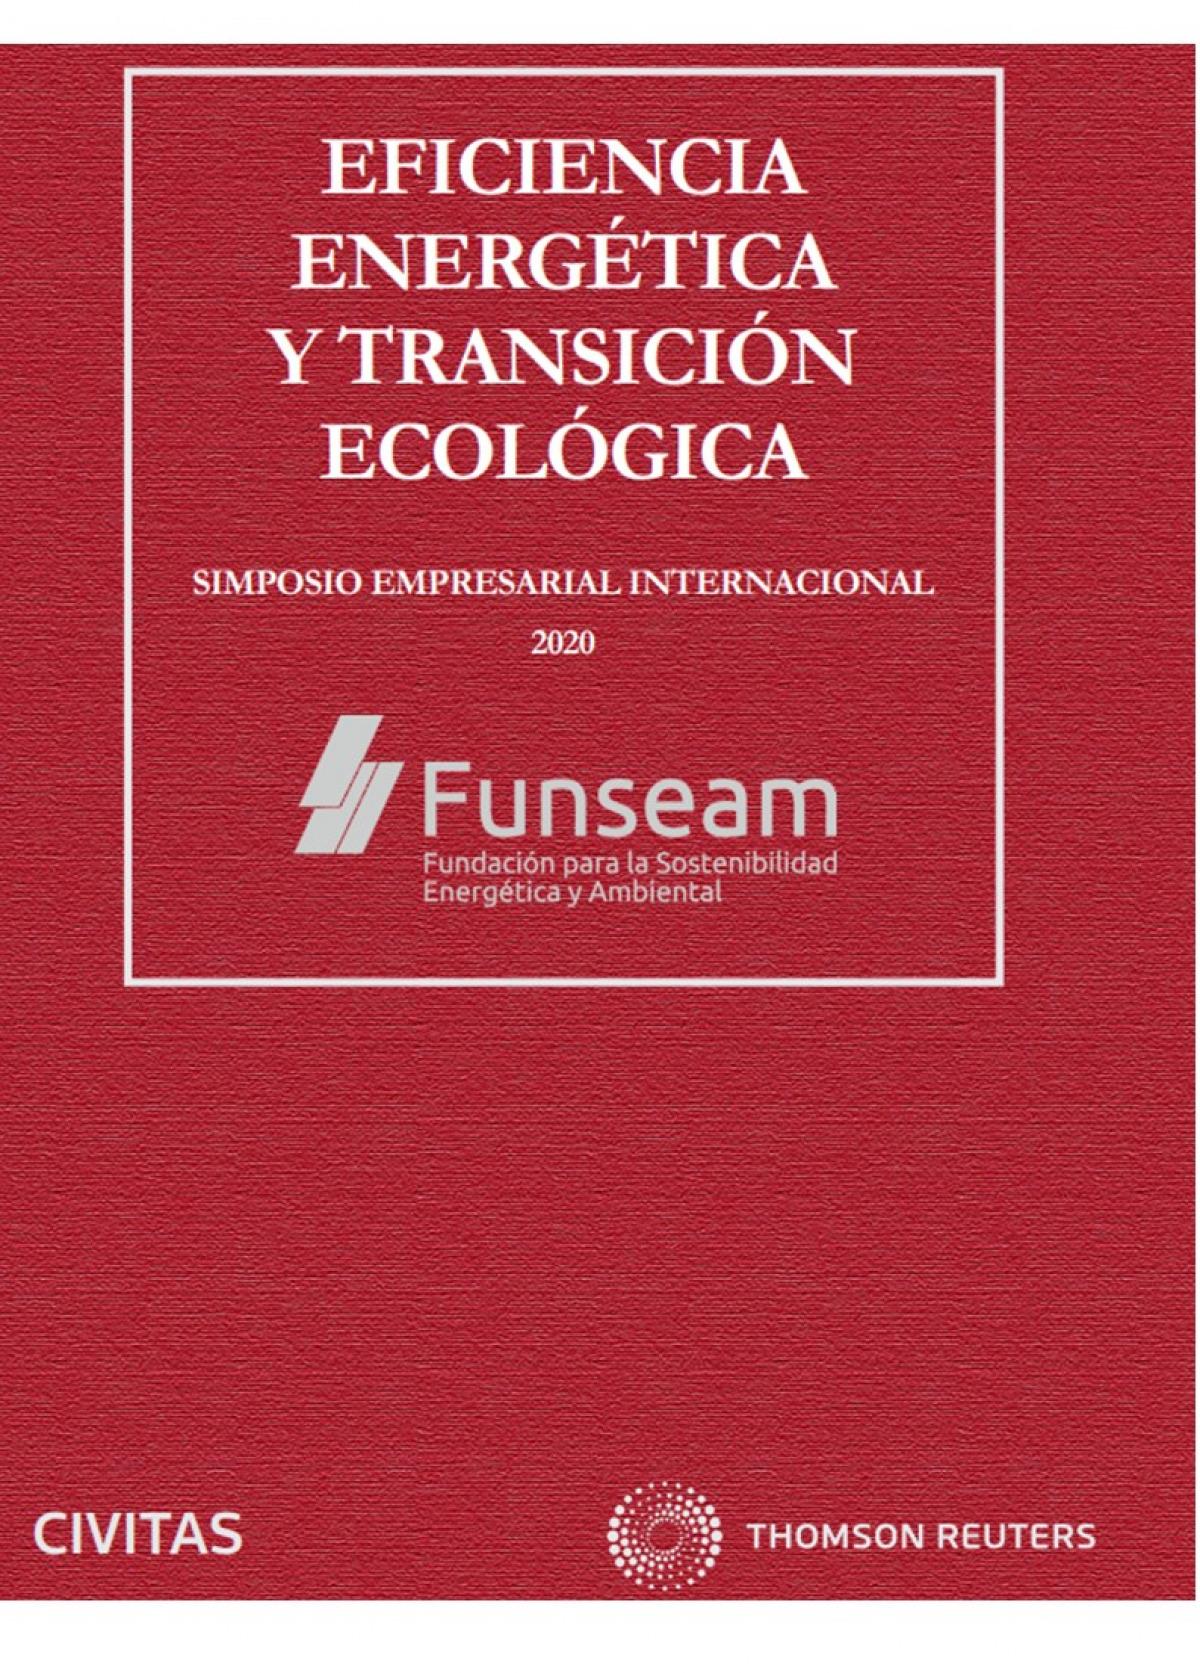 Eficiencia energética y transición ecológica